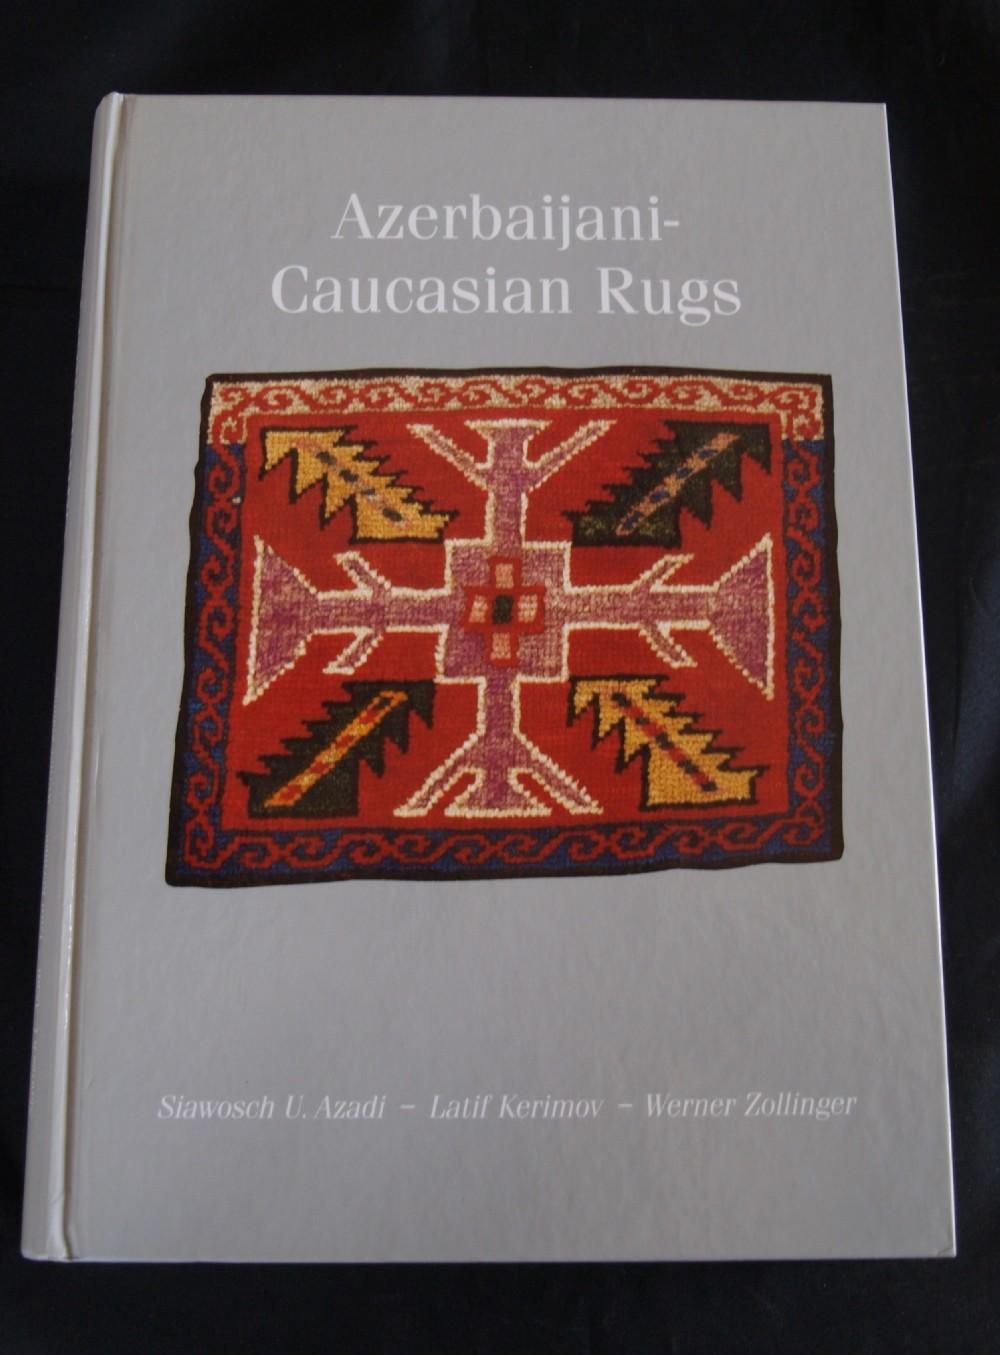 azerbaijanicaucasian rugs